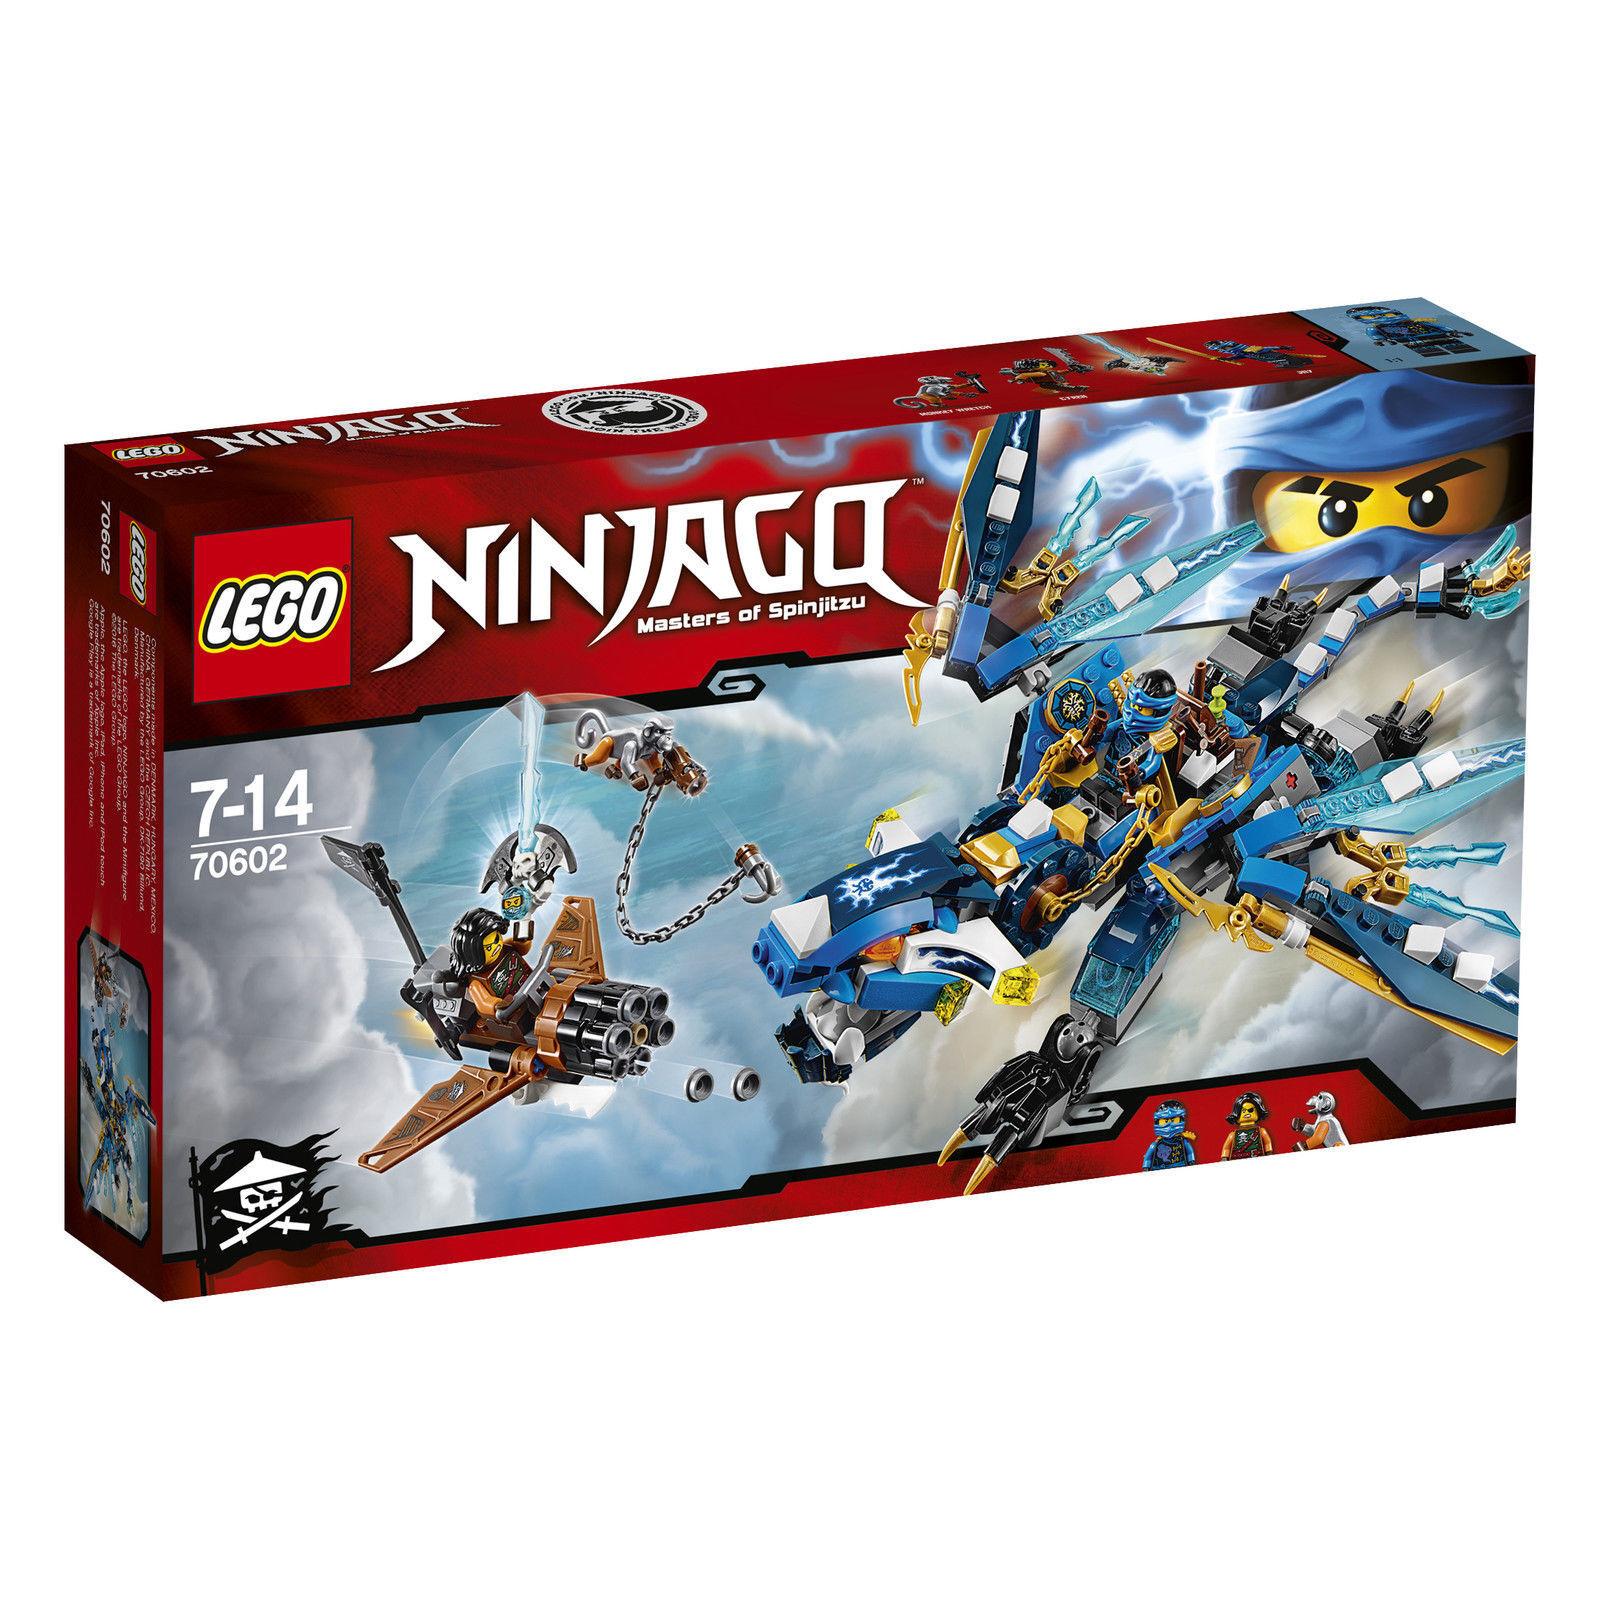 LEGO ® Ninjago ™ 70602 Jays elementardracheneu OVP _ Jay 's ELEUomoTAL DRAGON NEW MISB